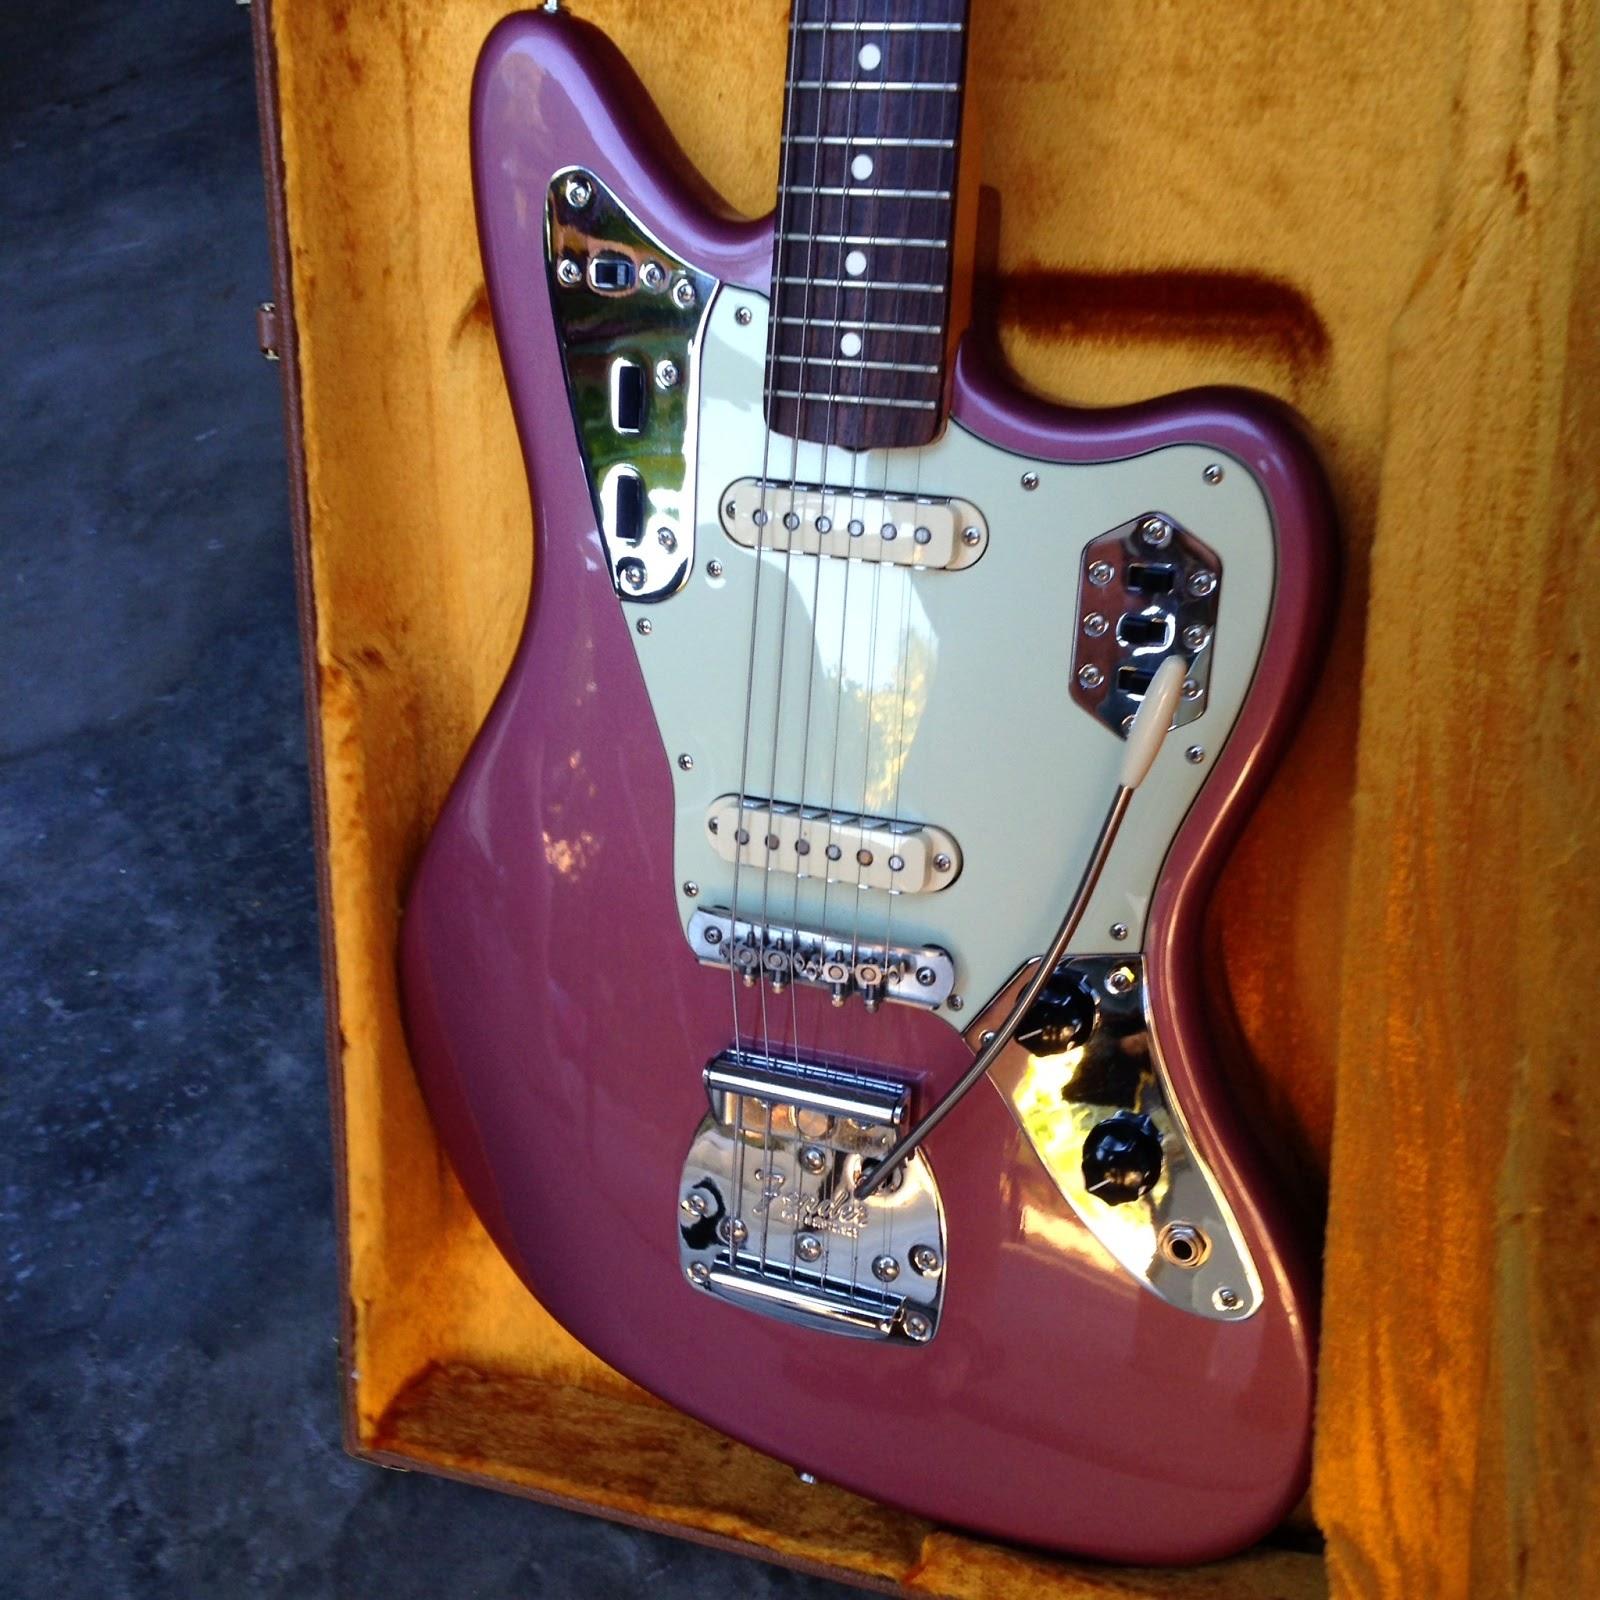 fender american vintage 62 jaguar ri stratocaster guitar fender american vintage 62 jaguar ri